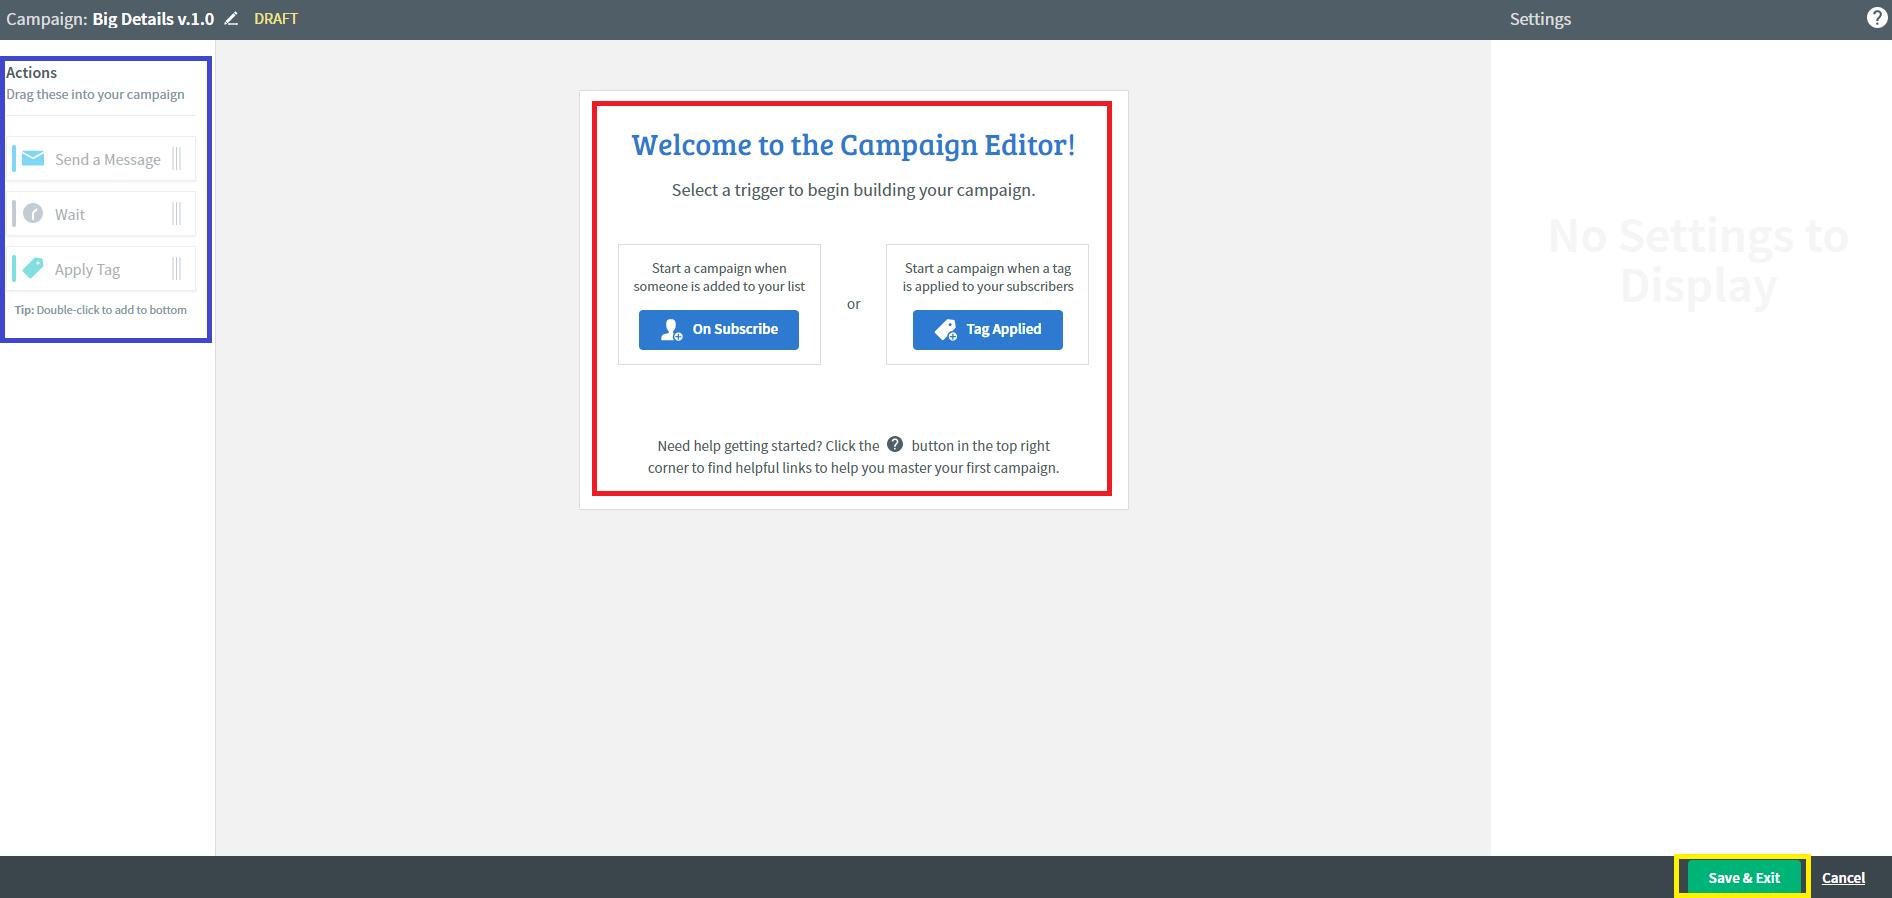 Campaign editor